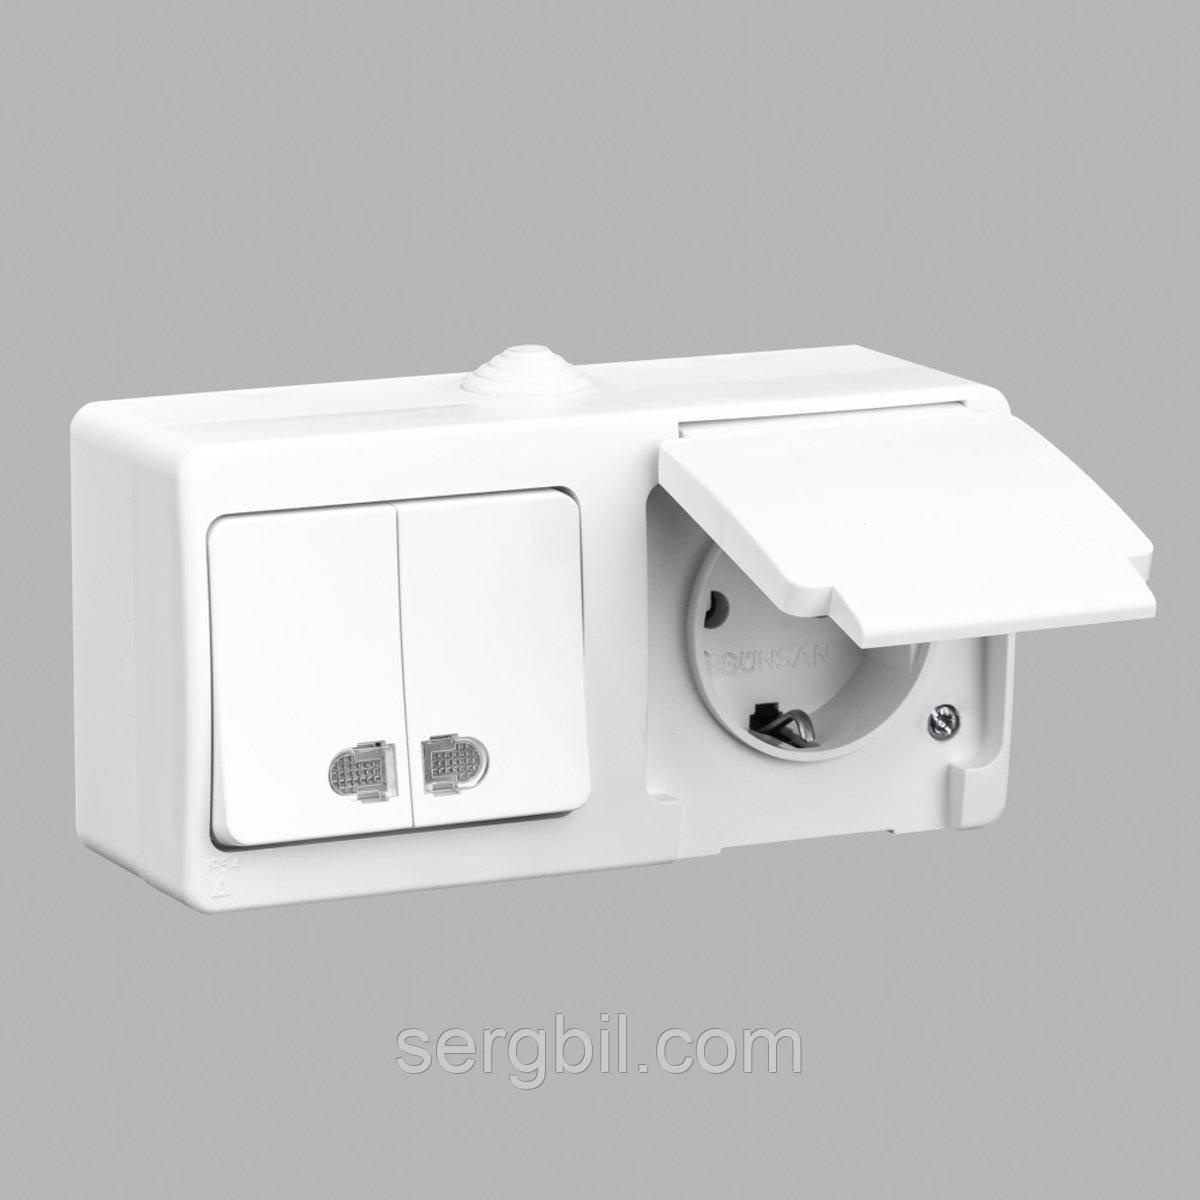 Блок выключатель двухклавишный с подсветкой + розетка с заземлением GUNSAN Nemliyer влагозащищенный Белый